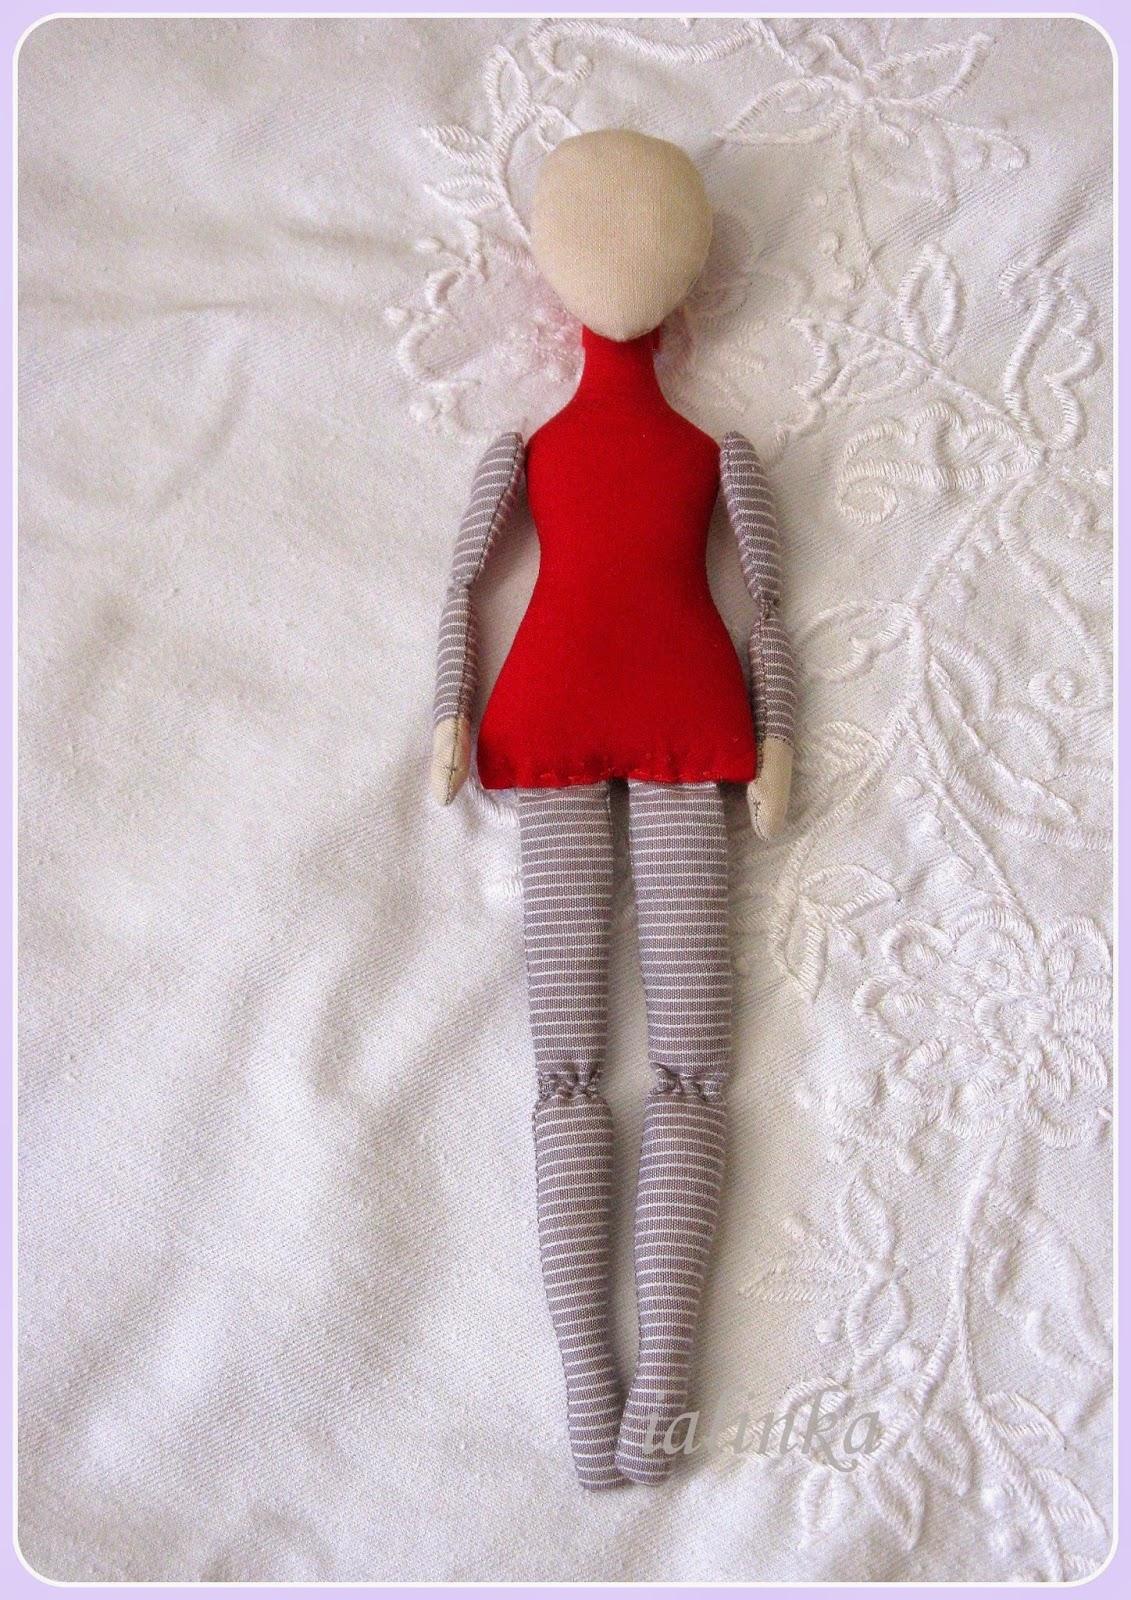 куколка  анна  балябина  ольга  булычева